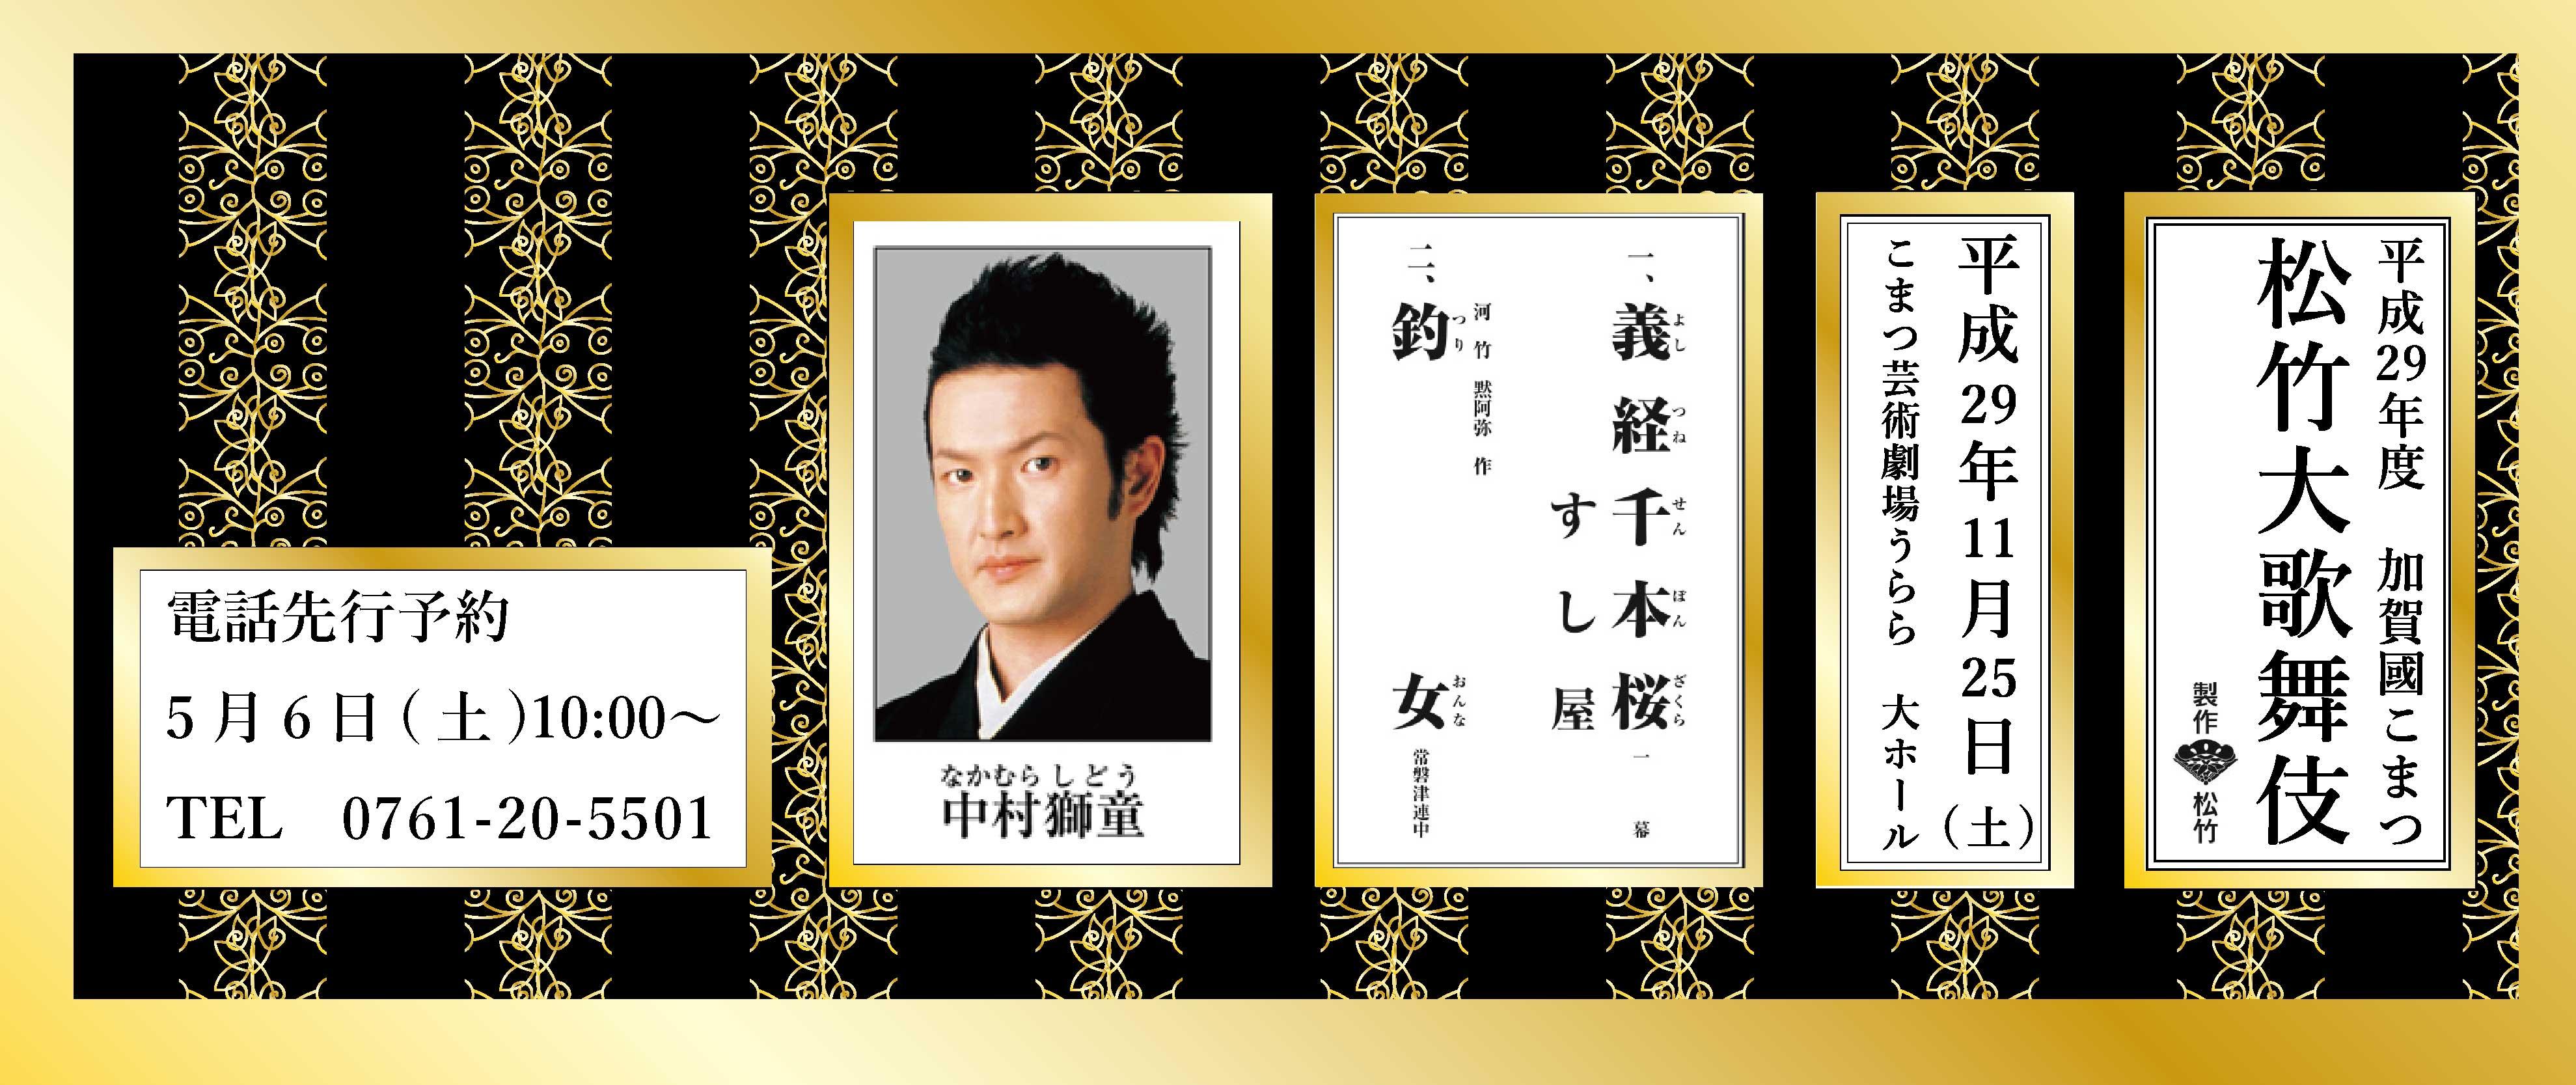 平成29年度加賀國こまつ松竹大歌舞伎